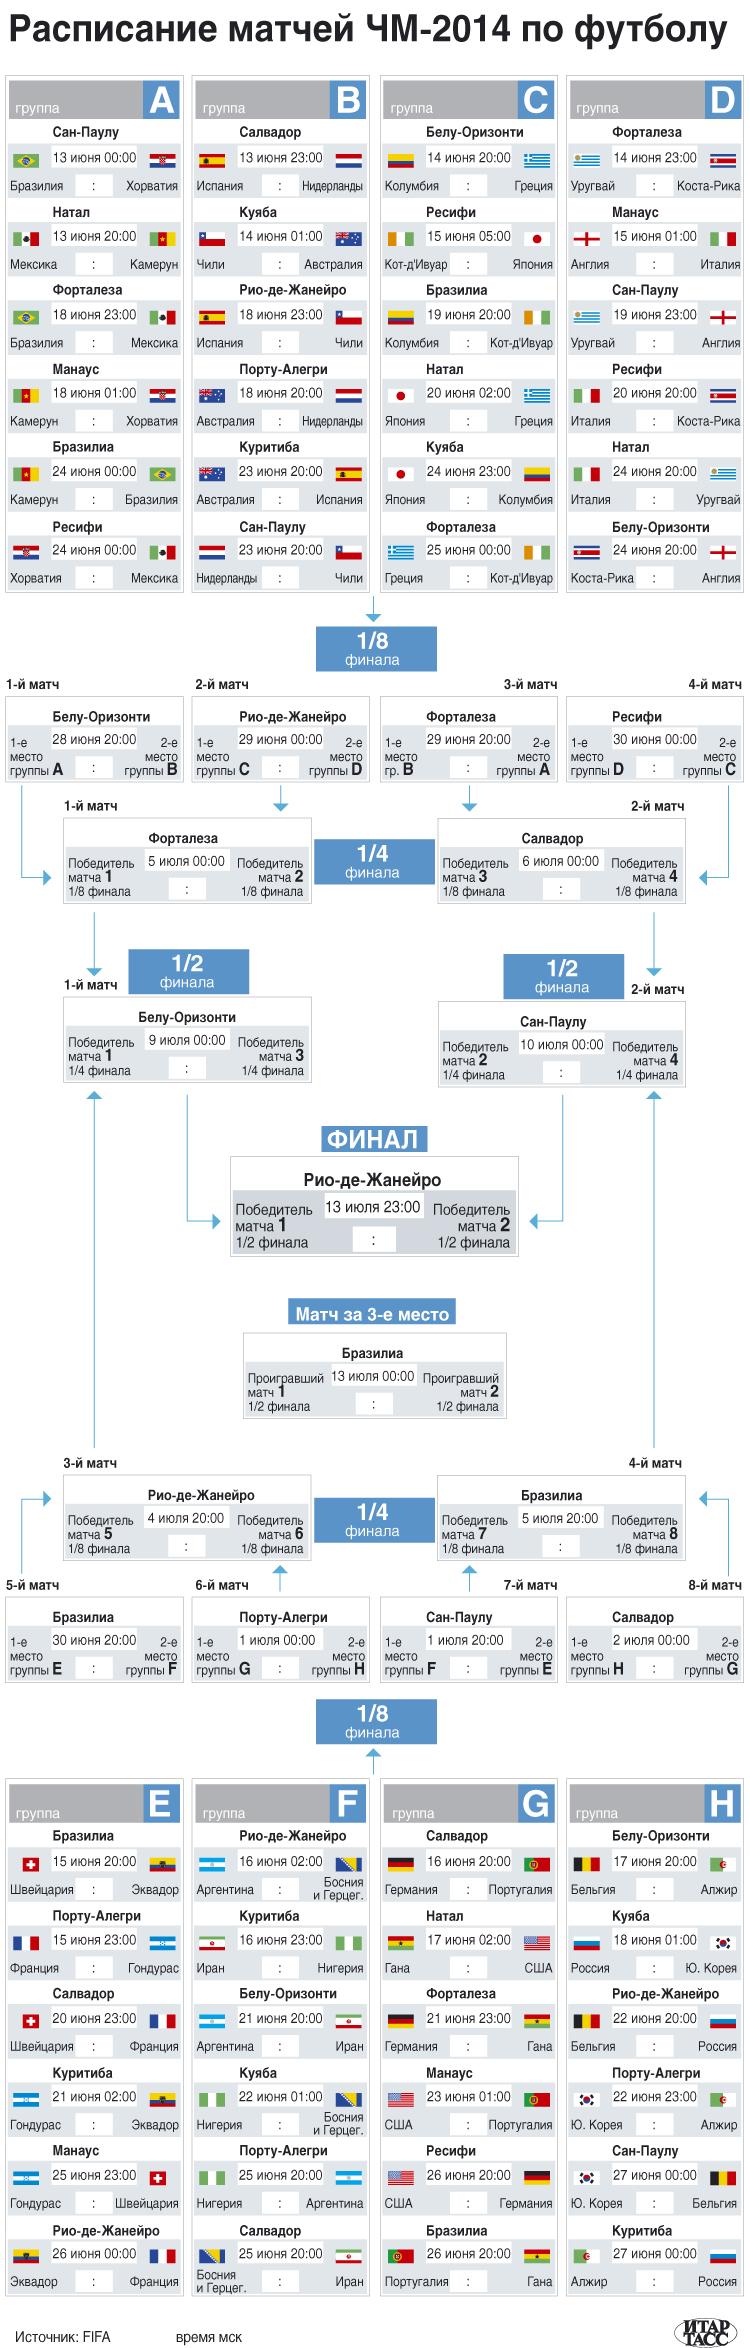 Расписание матчей ЧМ-2014 по футболу